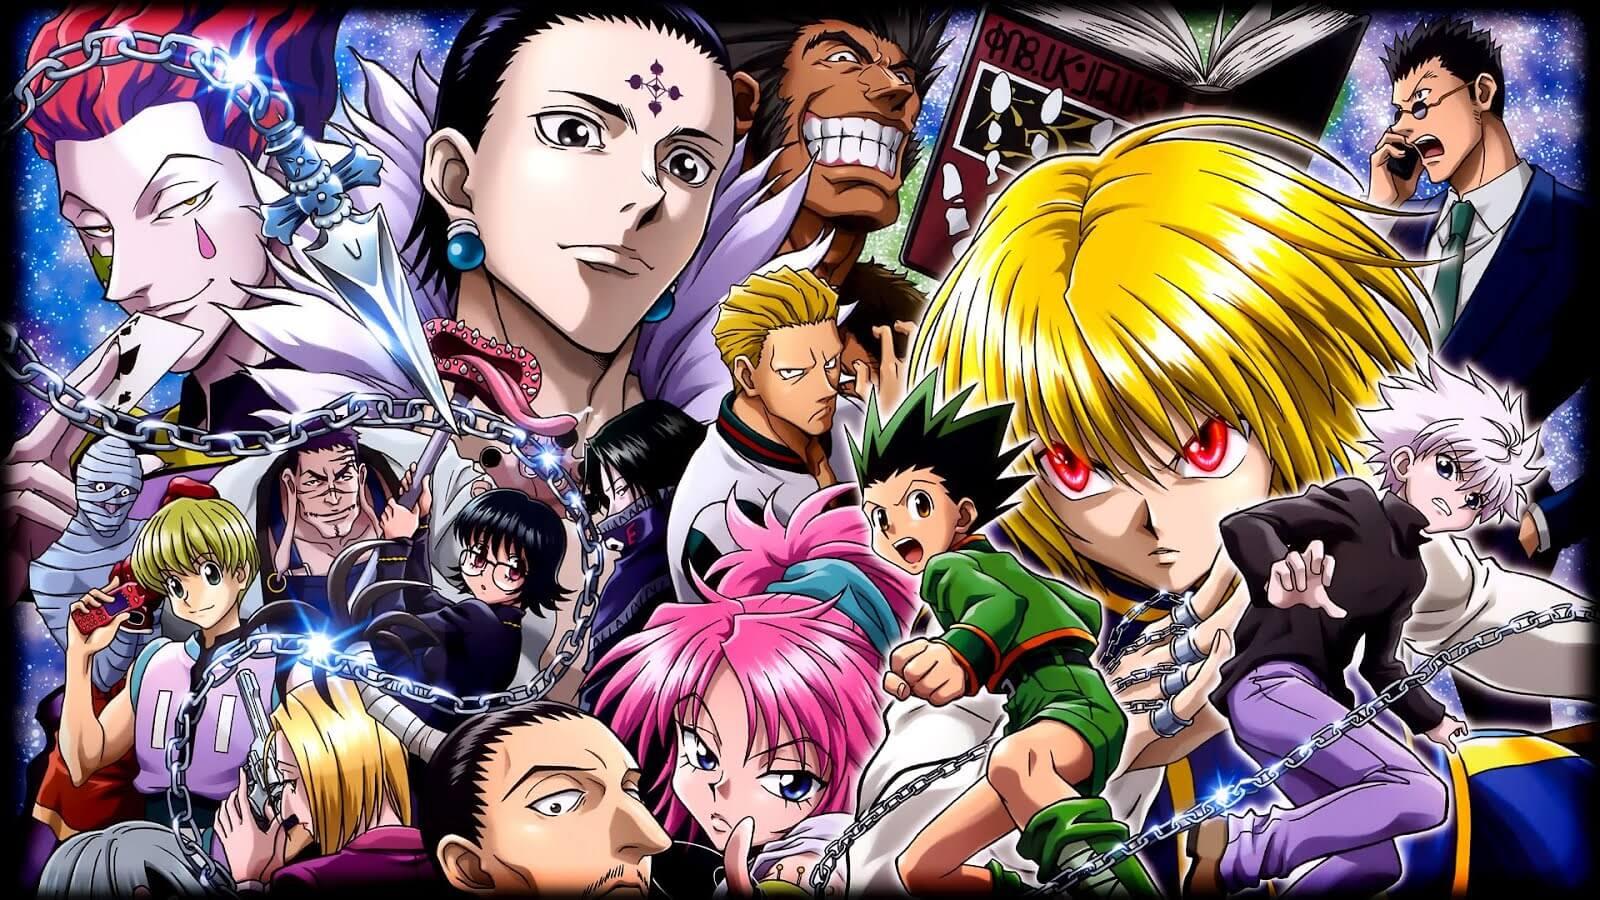 Descargar Hunter x Hunter 2011 anime subtitulado en español